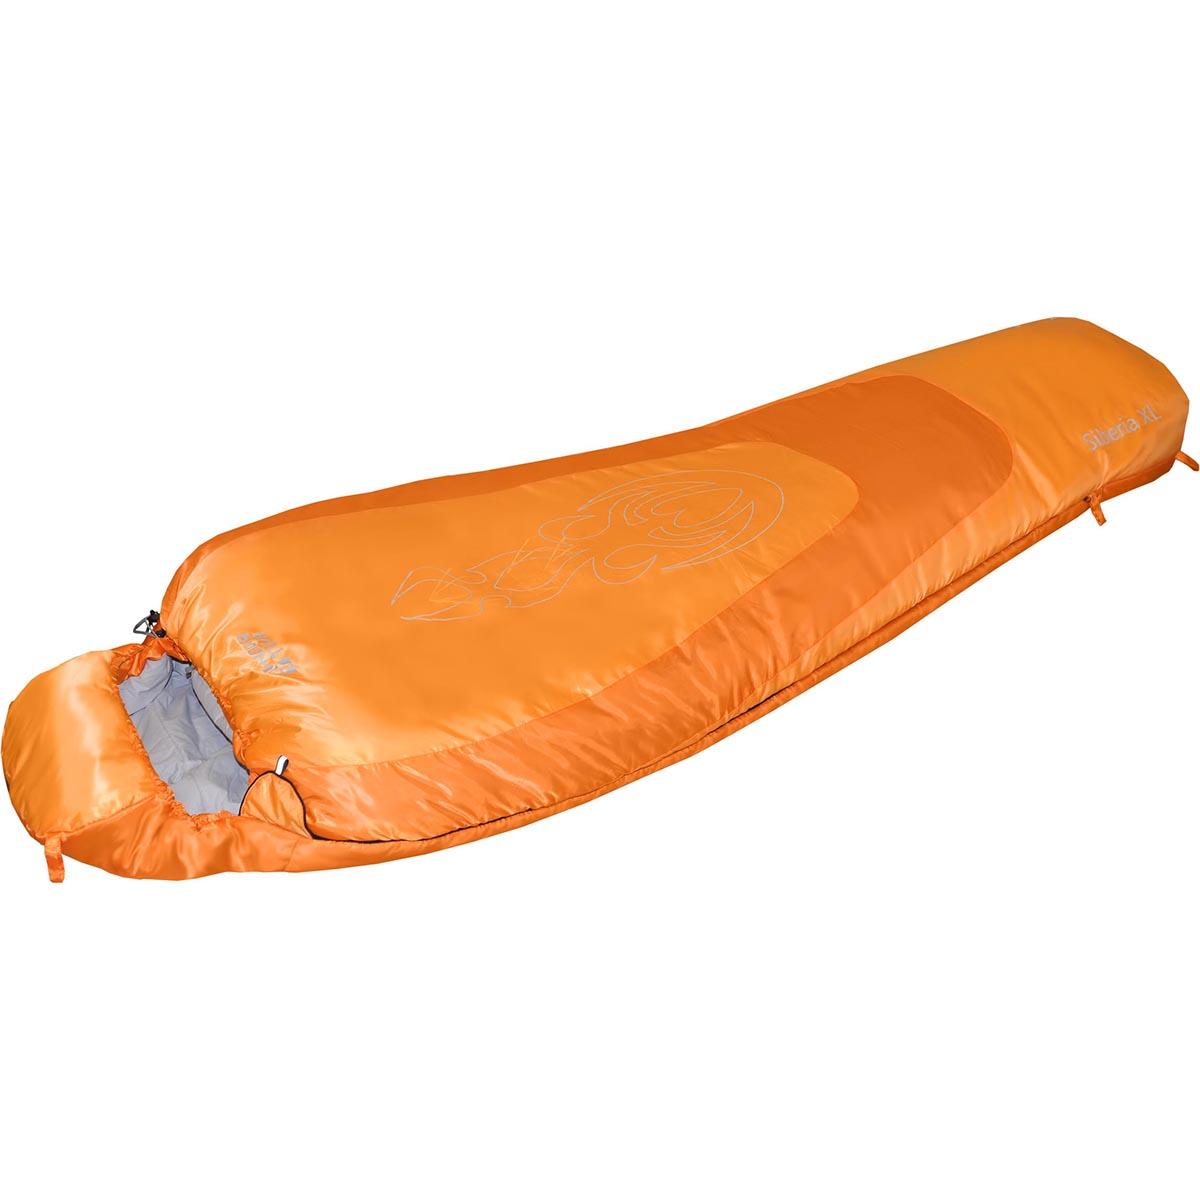 Спальный мешок Nova Tour Сибирь -20 XL V2, цвет: оранжевый, левосторонняя молния95422-233-LeftСпальный мешок для низких температур. Конструкция - кокон, синтетический наполнитель. Оснащён утеплённым утягивающимся капюшоном и шейным воротником. Двухзамковая молния позволяет состегнуть два спальных мешка левого и правого исполнения в один двойной. Компрессионный мешок в комплекте. Сибирь XL - увеличенный размер для широких натур.